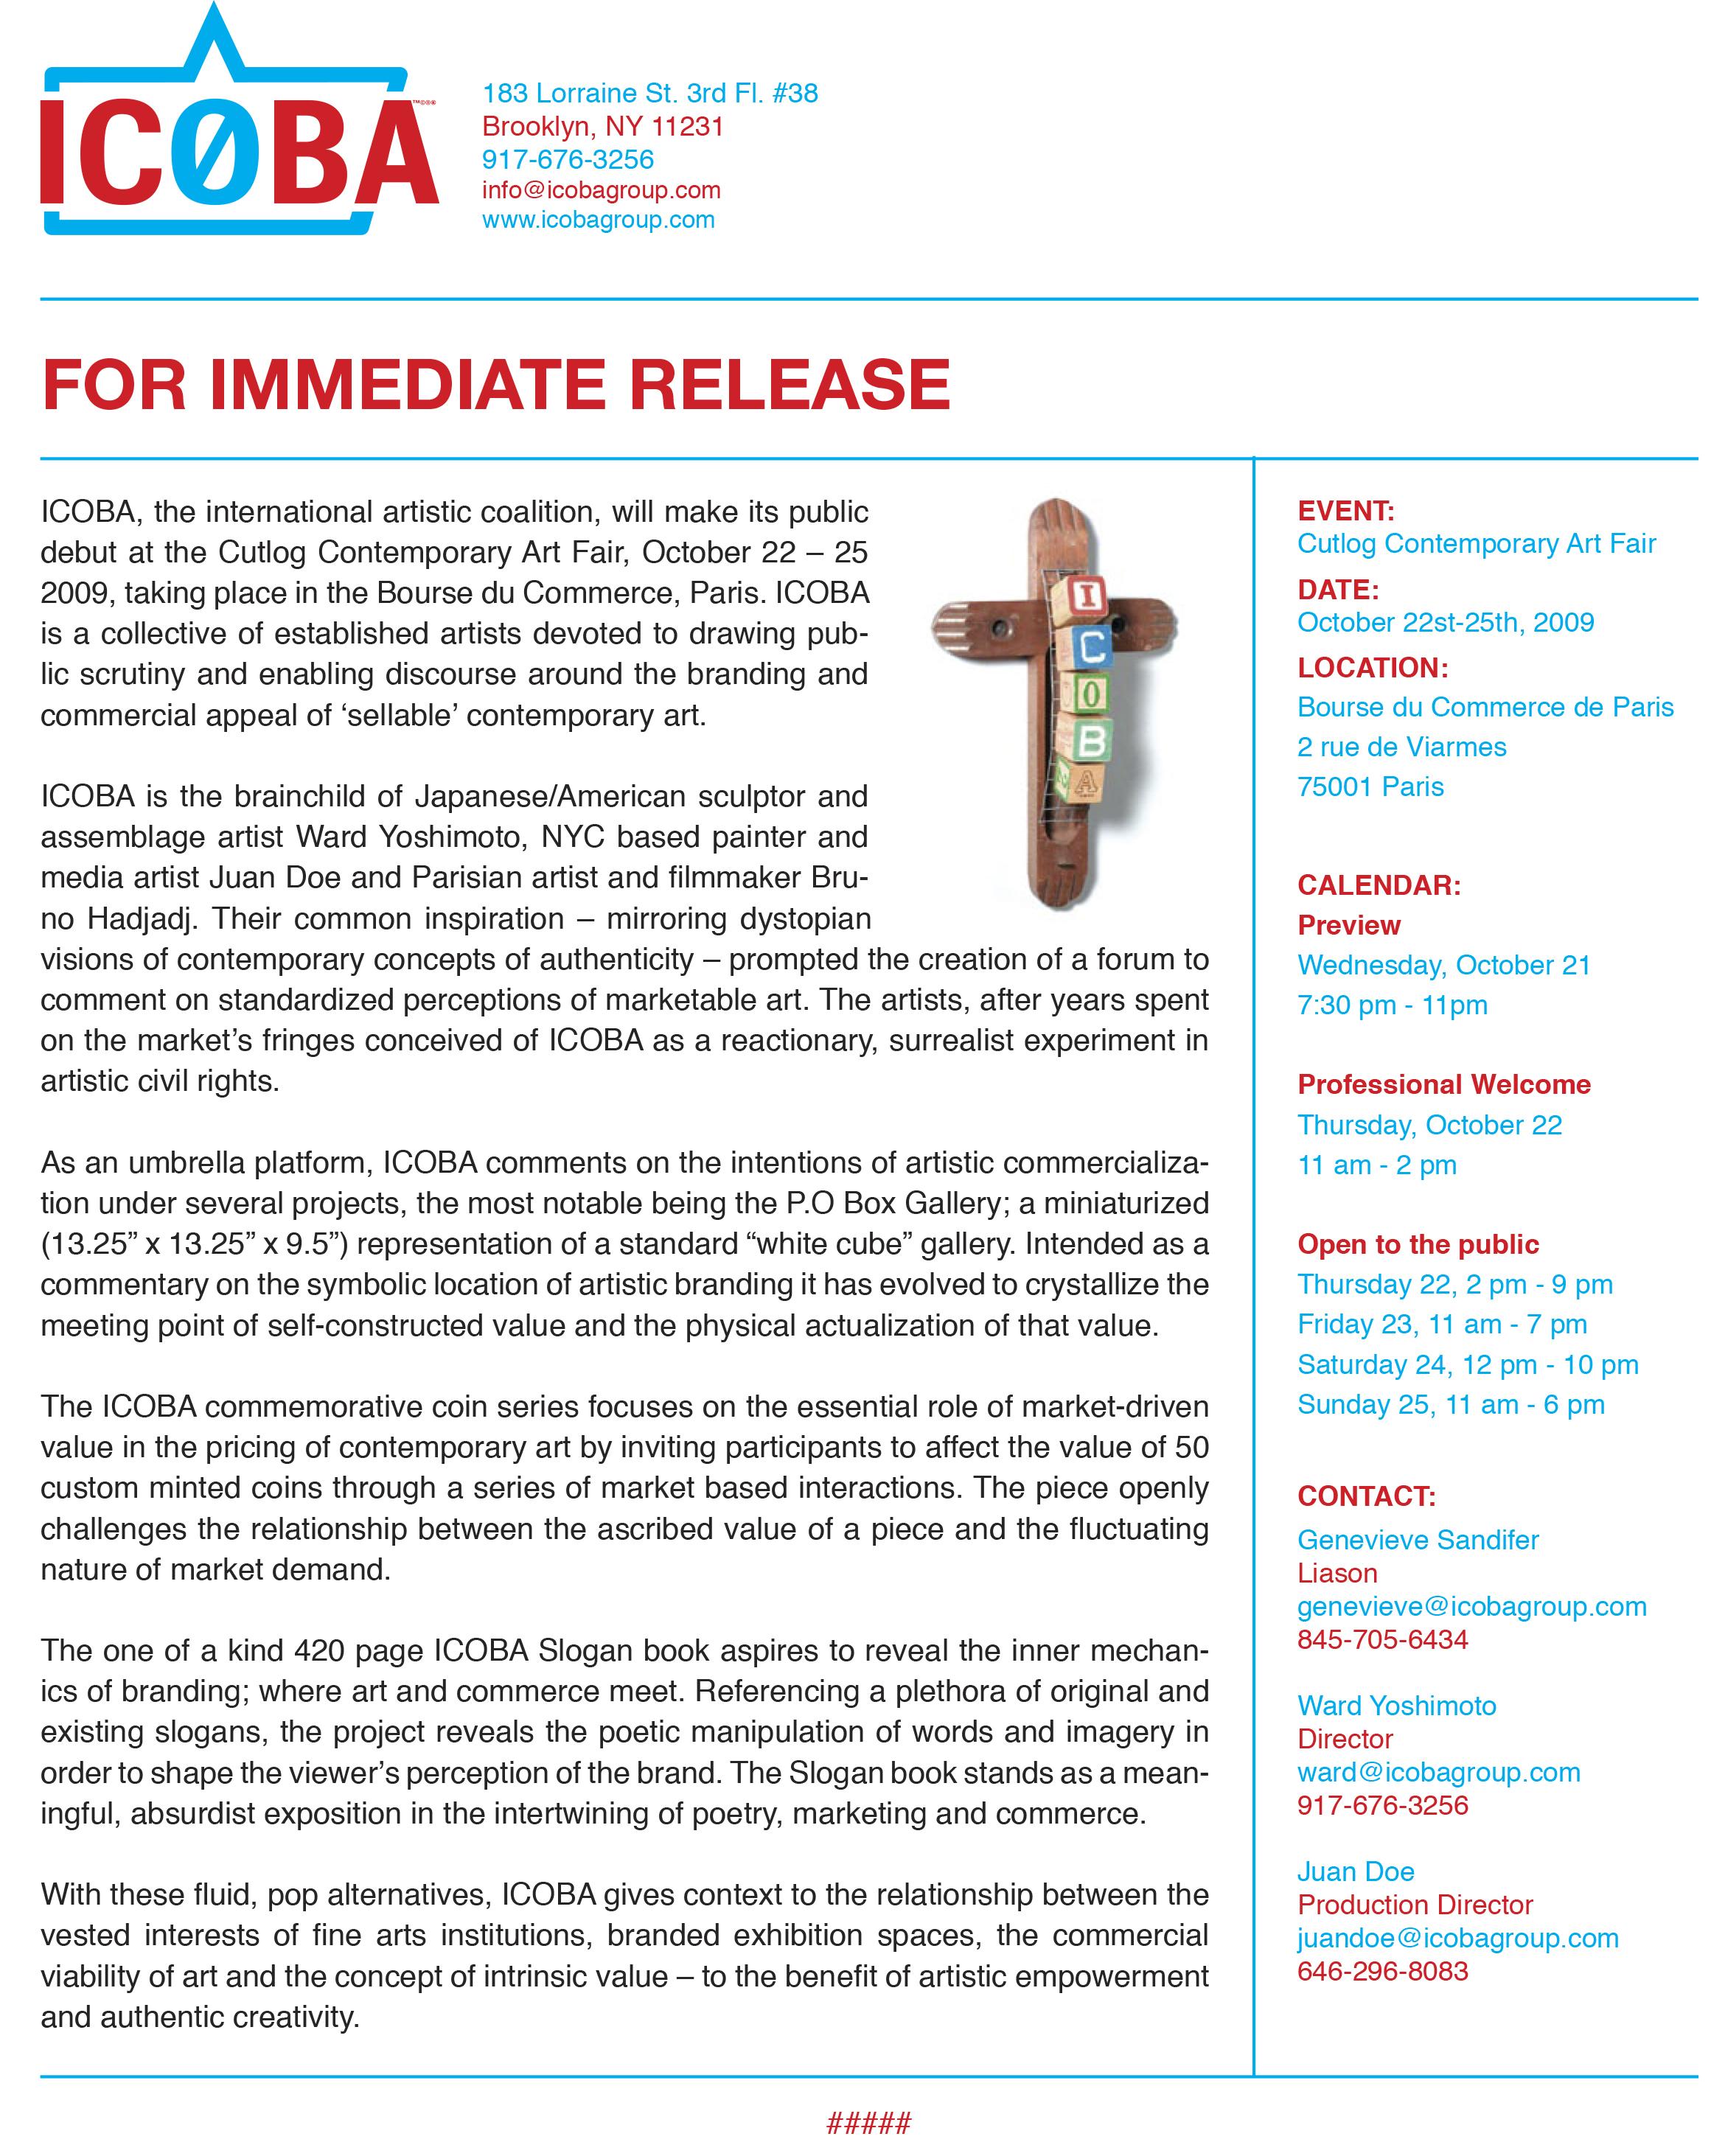 ICOBA_Press-Kit 1.jpg